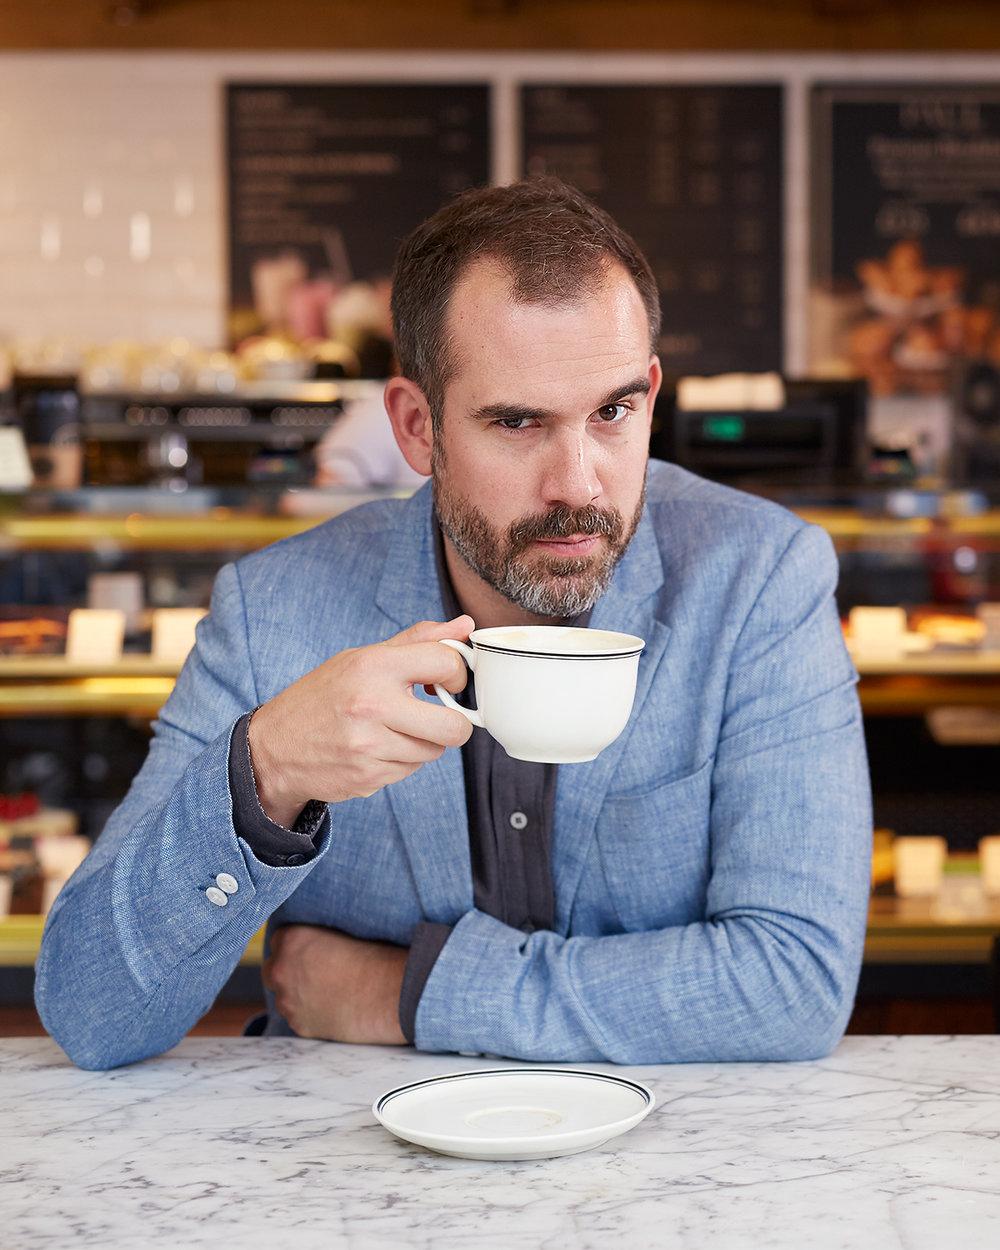 Drink_coffee_0032.jpg